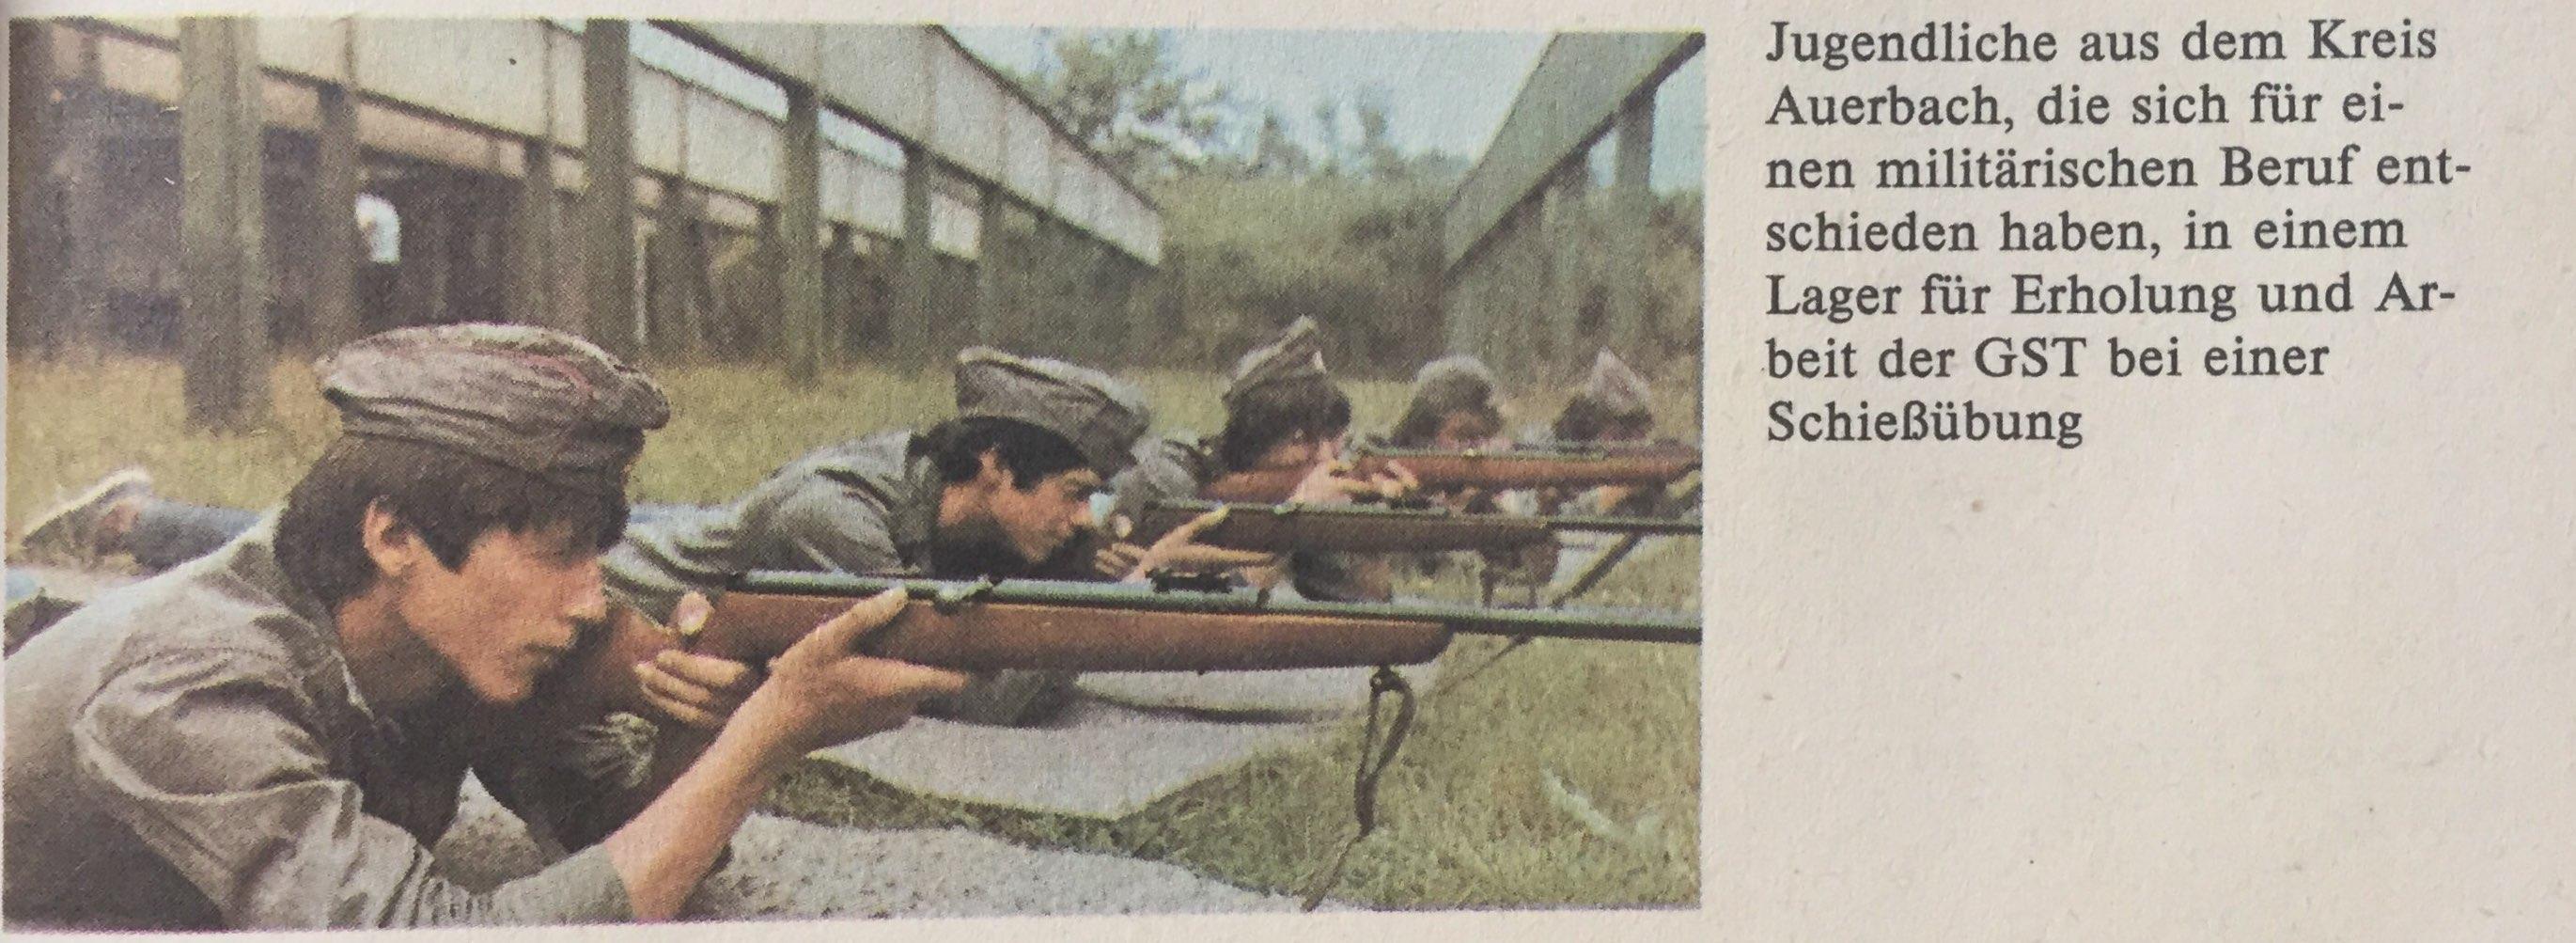 Schießübung bei GST